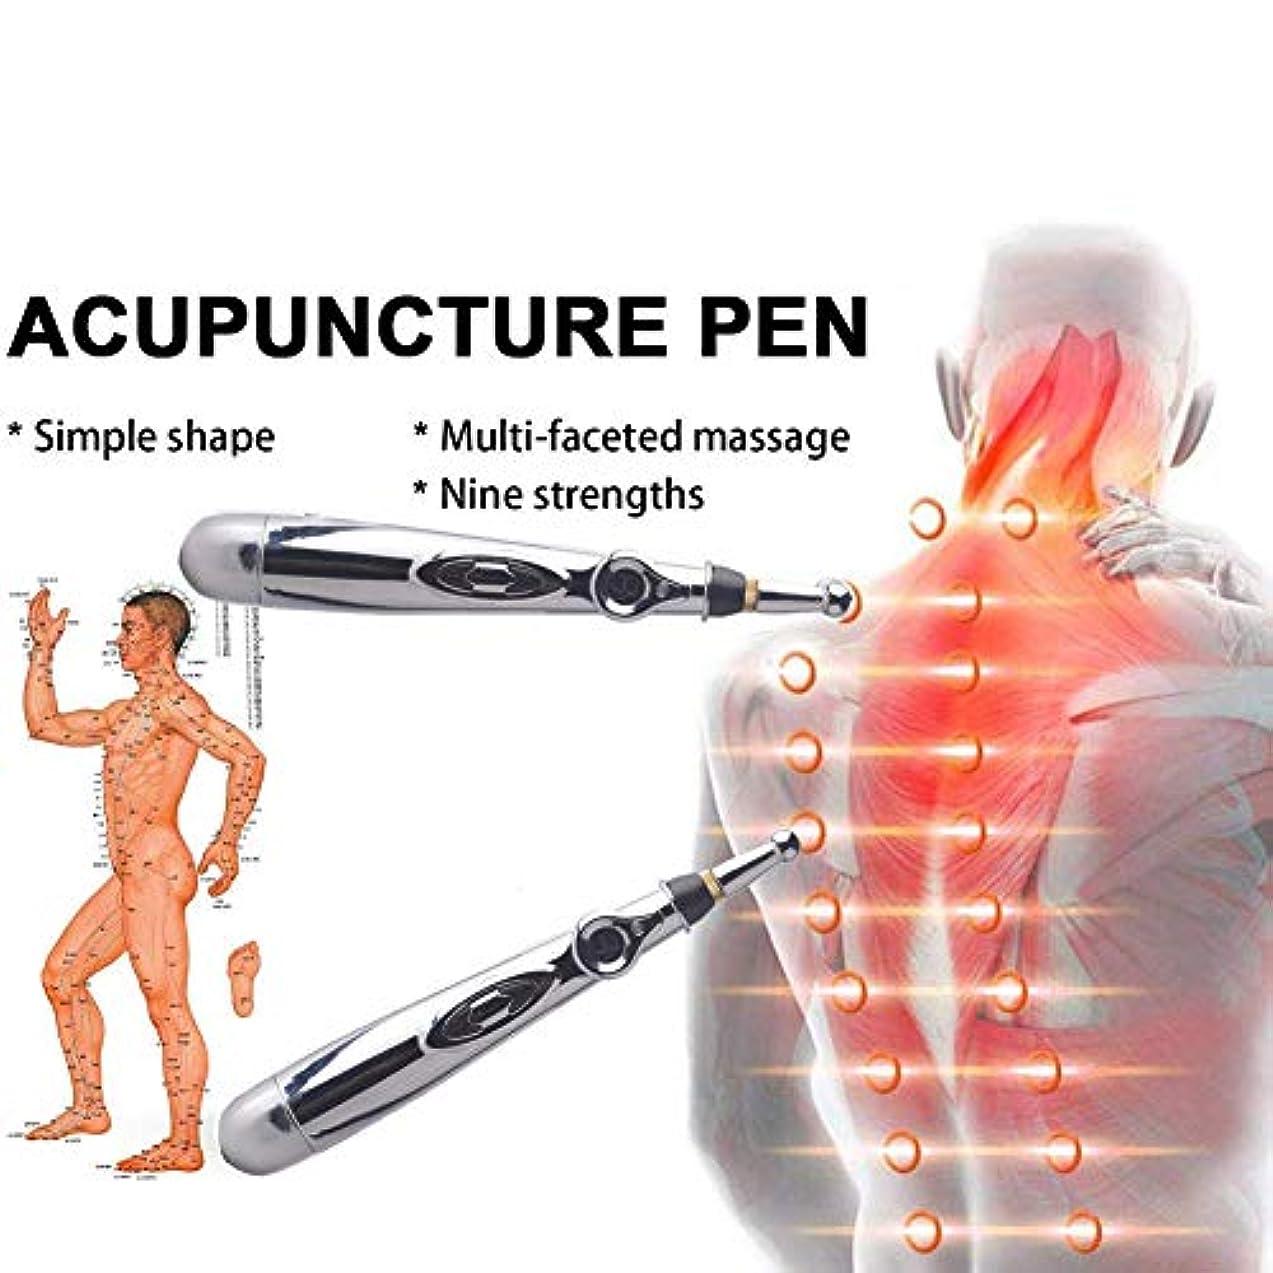 アイザック論争エンドウ鍼治療ペン、痛み緩和療法子午線エネルギーパルスマッサージペン療法楽器子午線エネルギーペンマッサージ師救済痛みツール